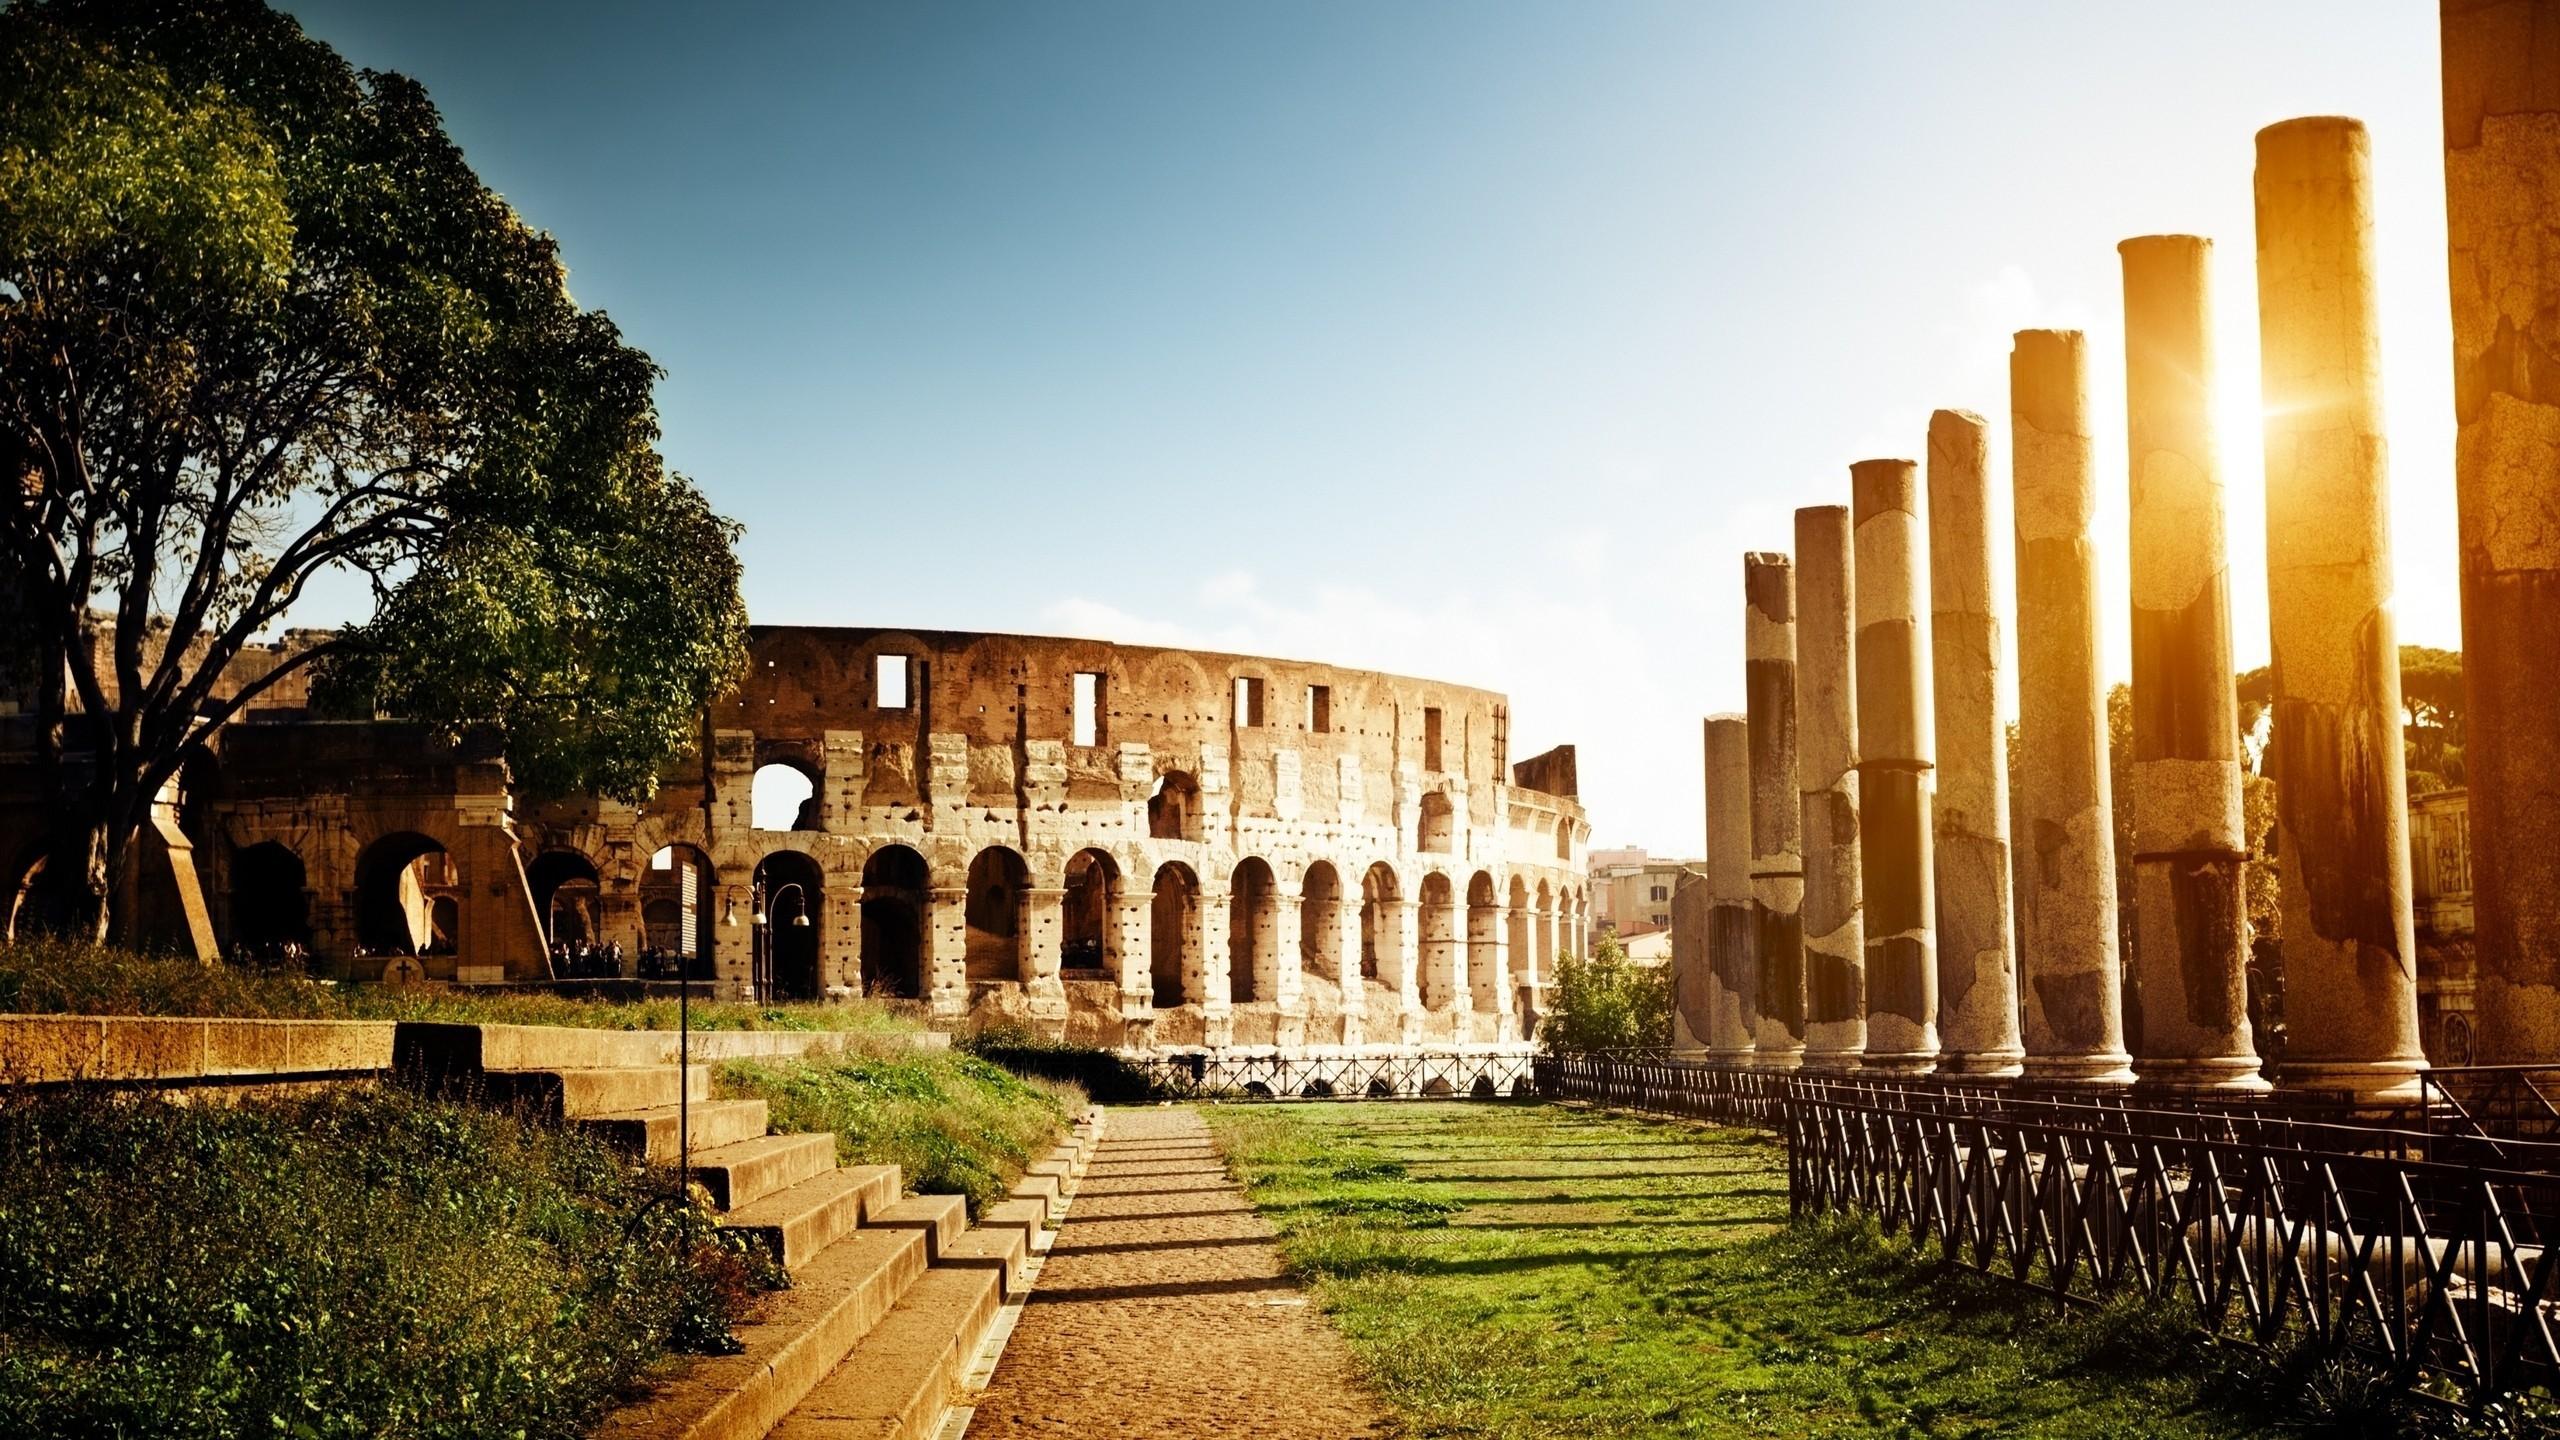 страны архитектура Италия Рим country architecture Italy Rome  № 285882 загрузить